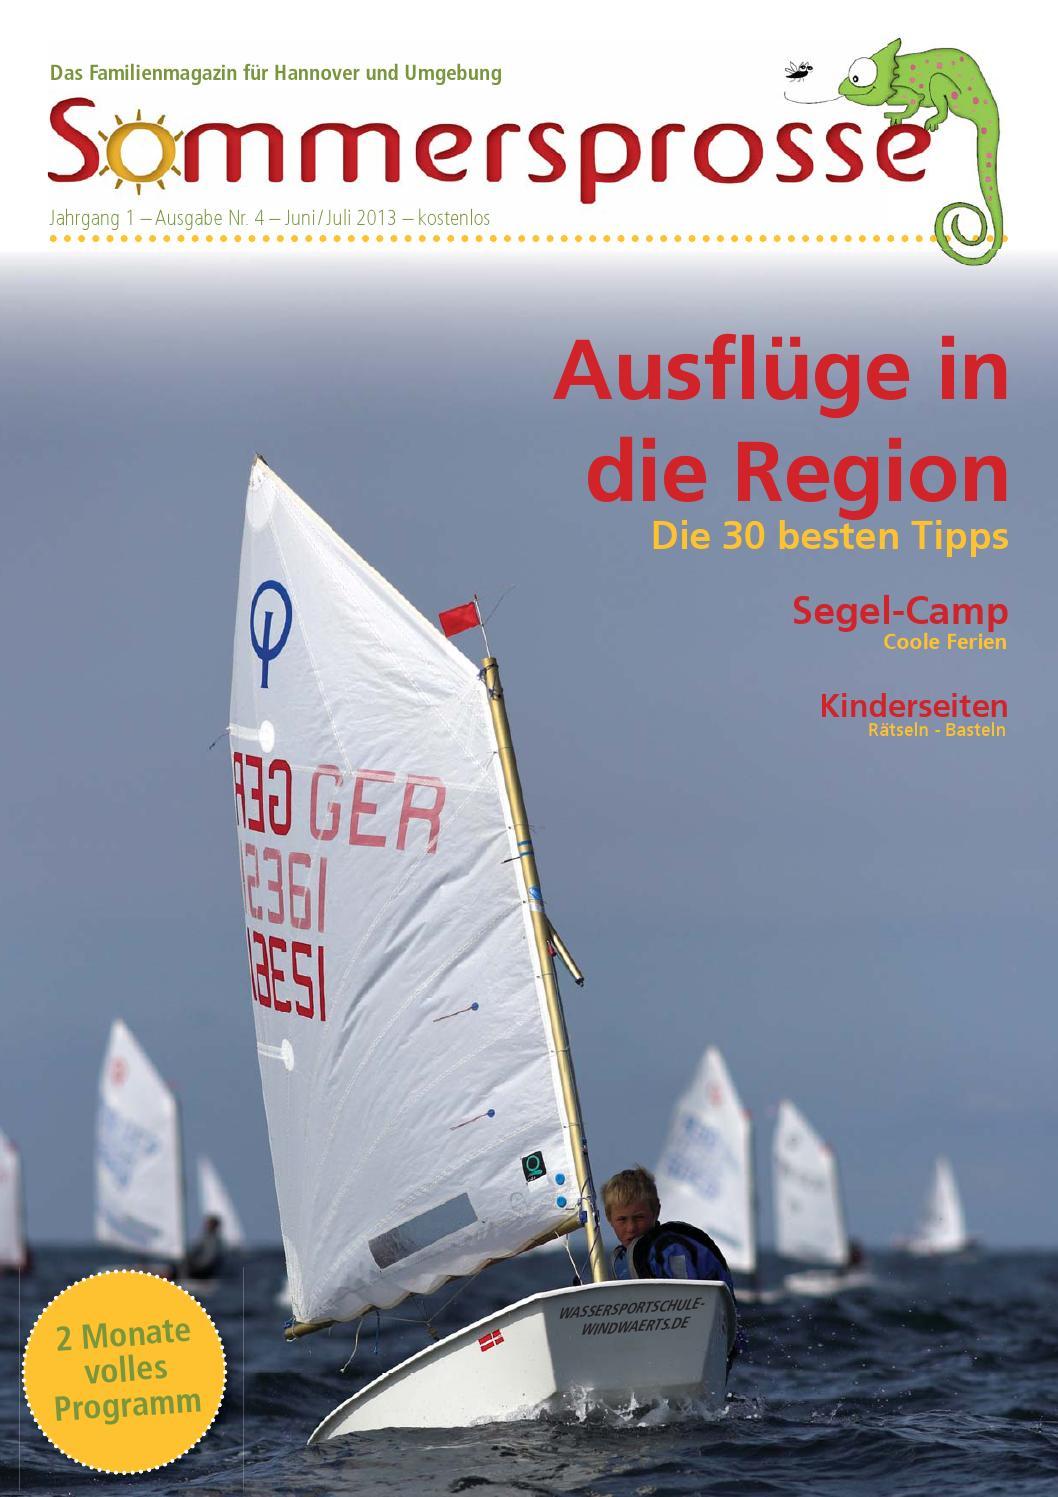 Ausgabe 4 - Juni/Juli 2013 by Claudia Tetz-Froböse - issuu